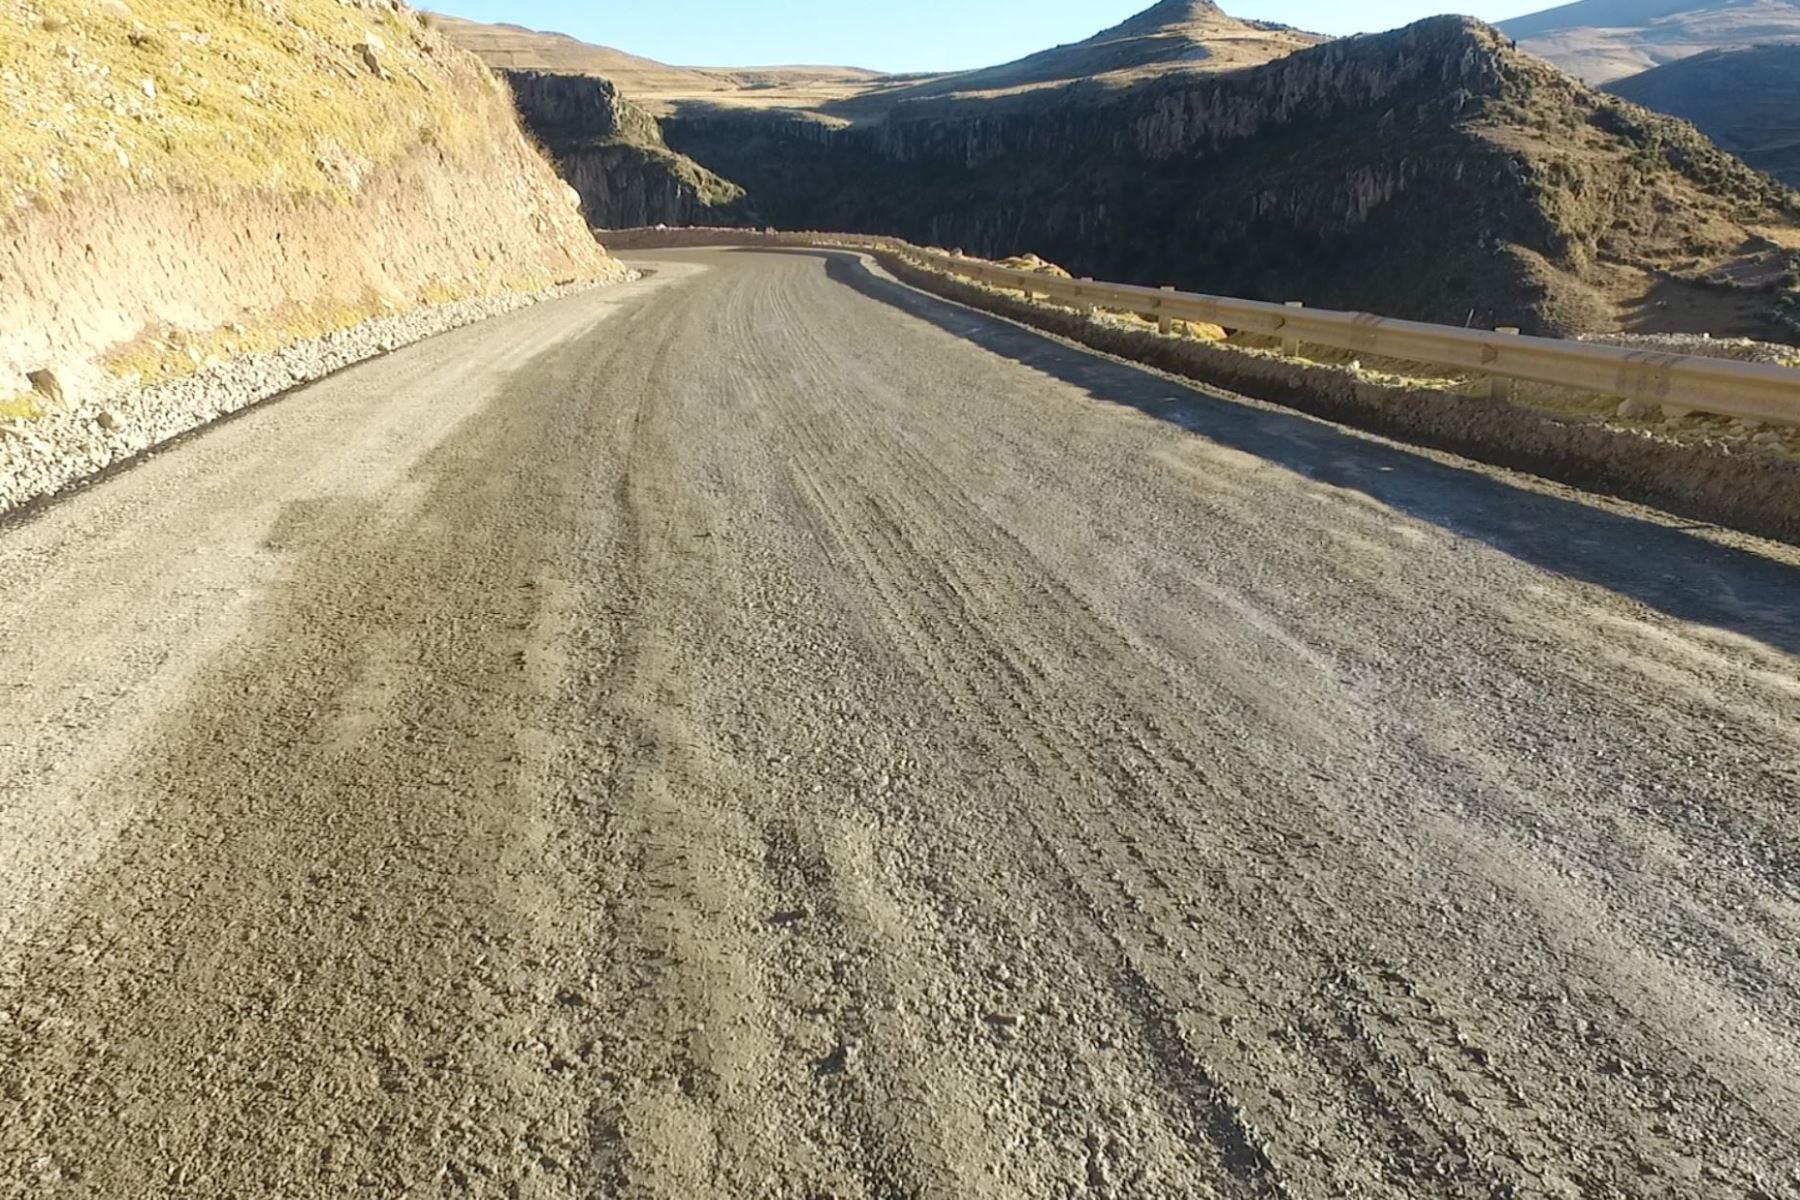 ANDINA/DifusiónMTC avanza en la adquisición de predios para obras en el corredor vial Apurímac-Cusco. ANDINA/Difusión